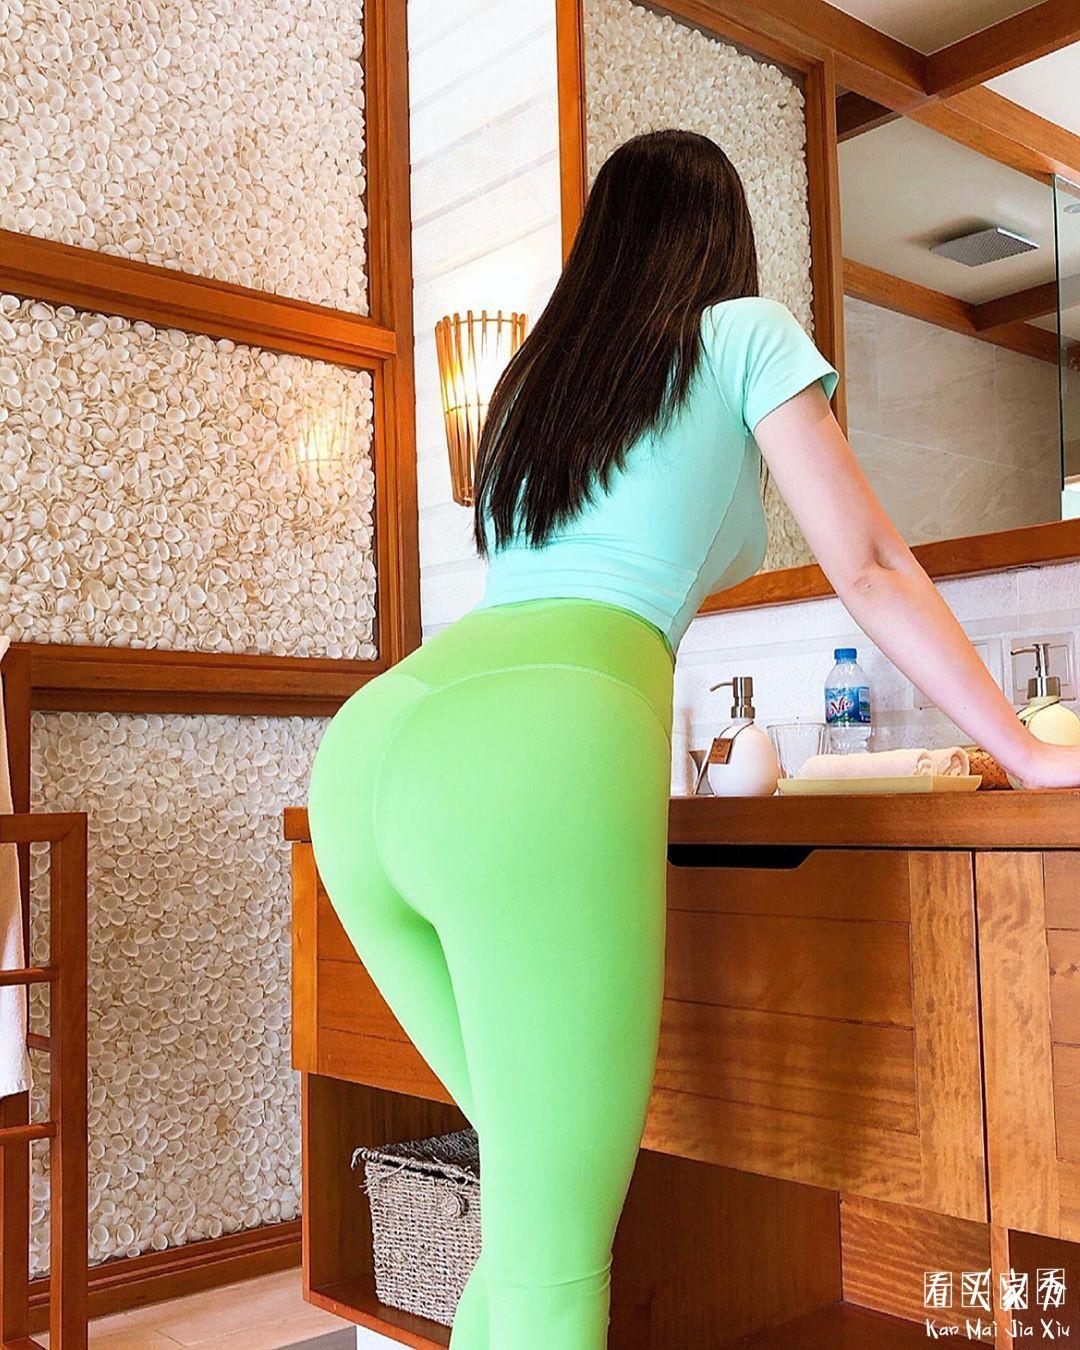 性感紧身蜜桃臀瑜伽裤买家秀,绿是挺绿的就是不知道你男友能接受不